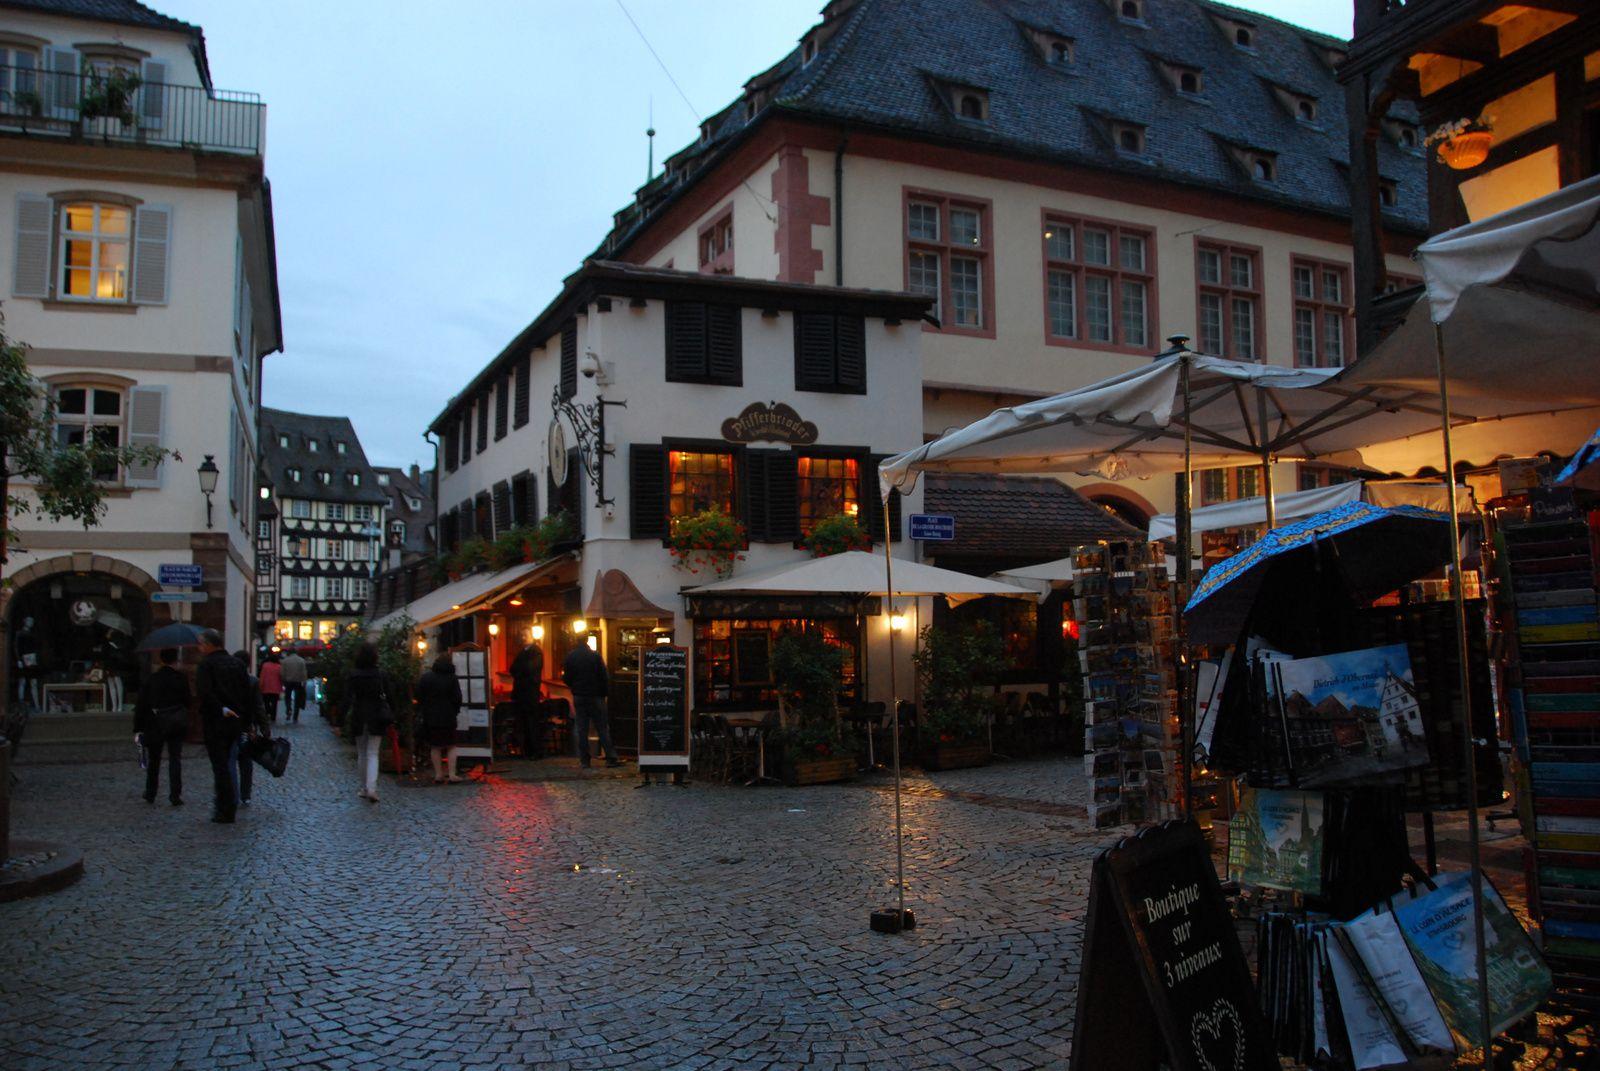 Strasbourg / 2013 / Il est 08h38, nous sommes le 23 Février 2021